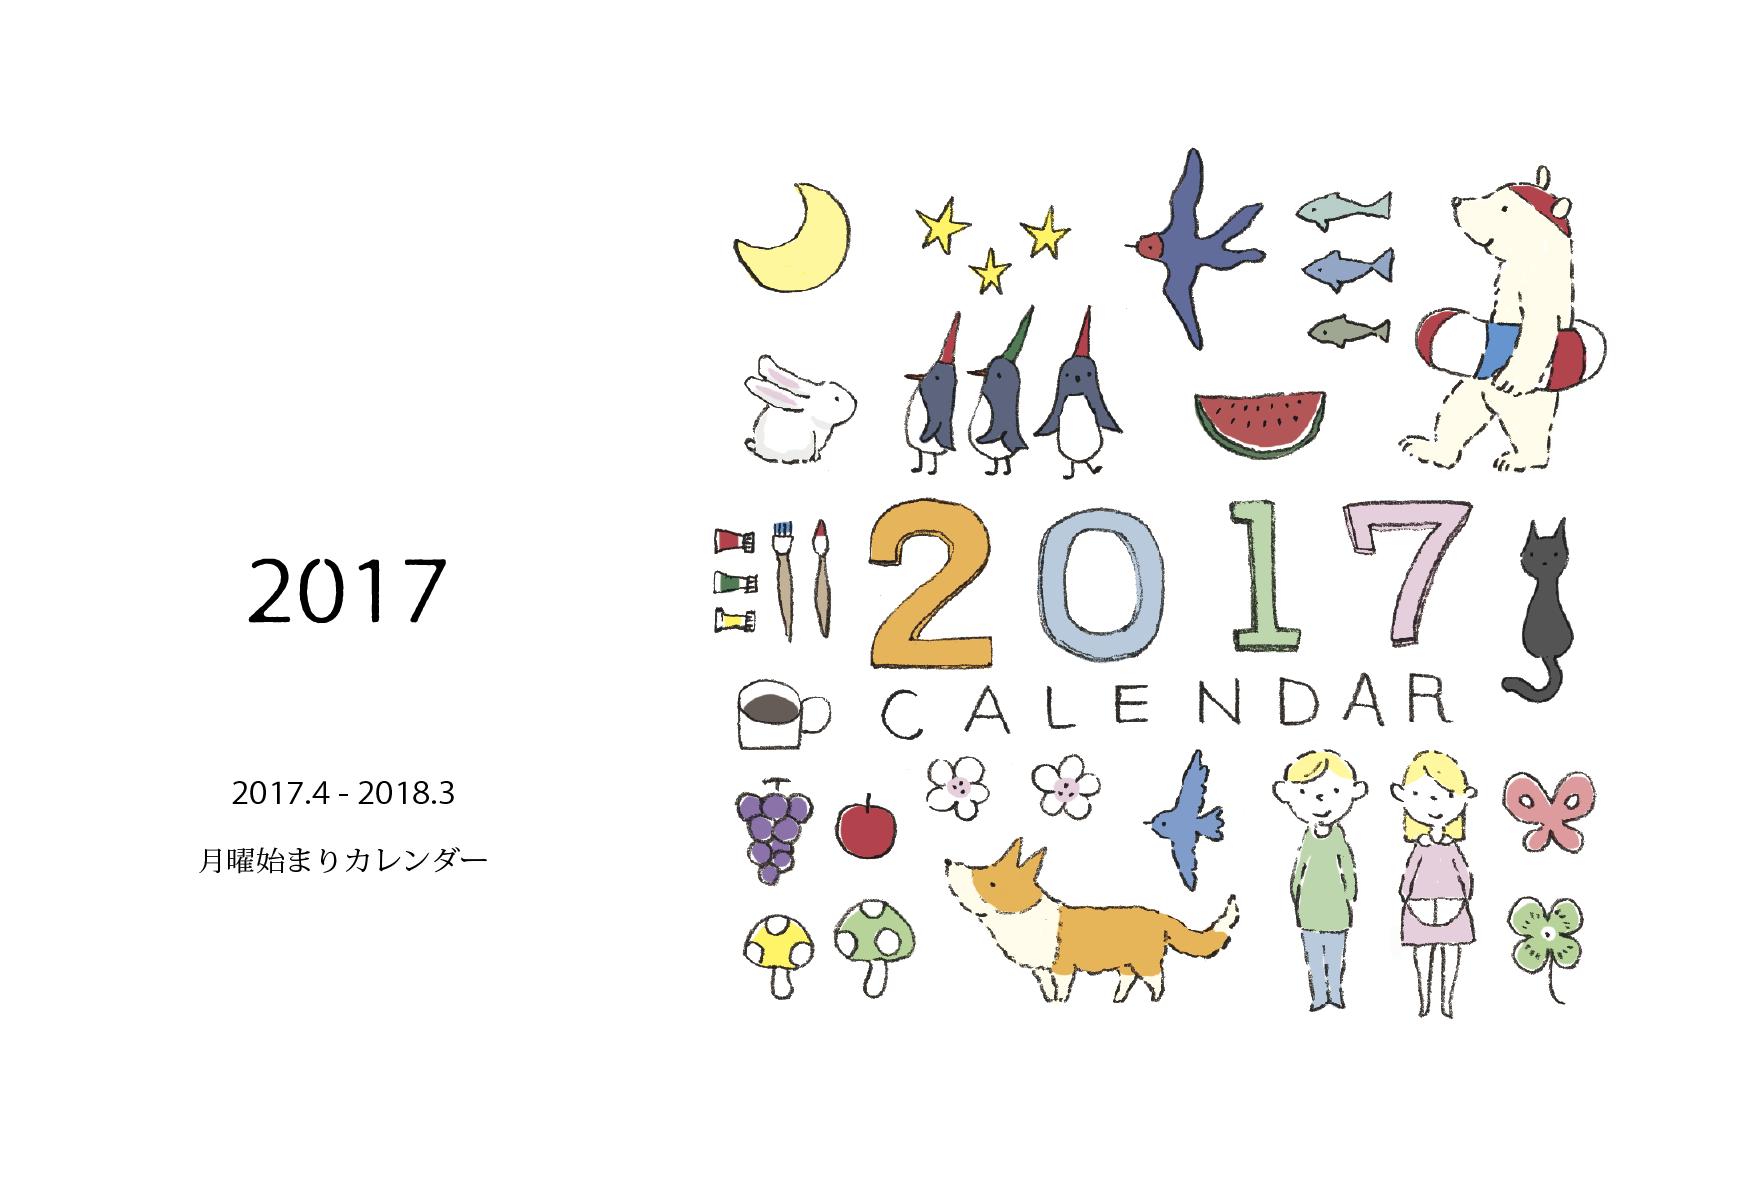 Junkikuchi Portfolio 2017カレンダー